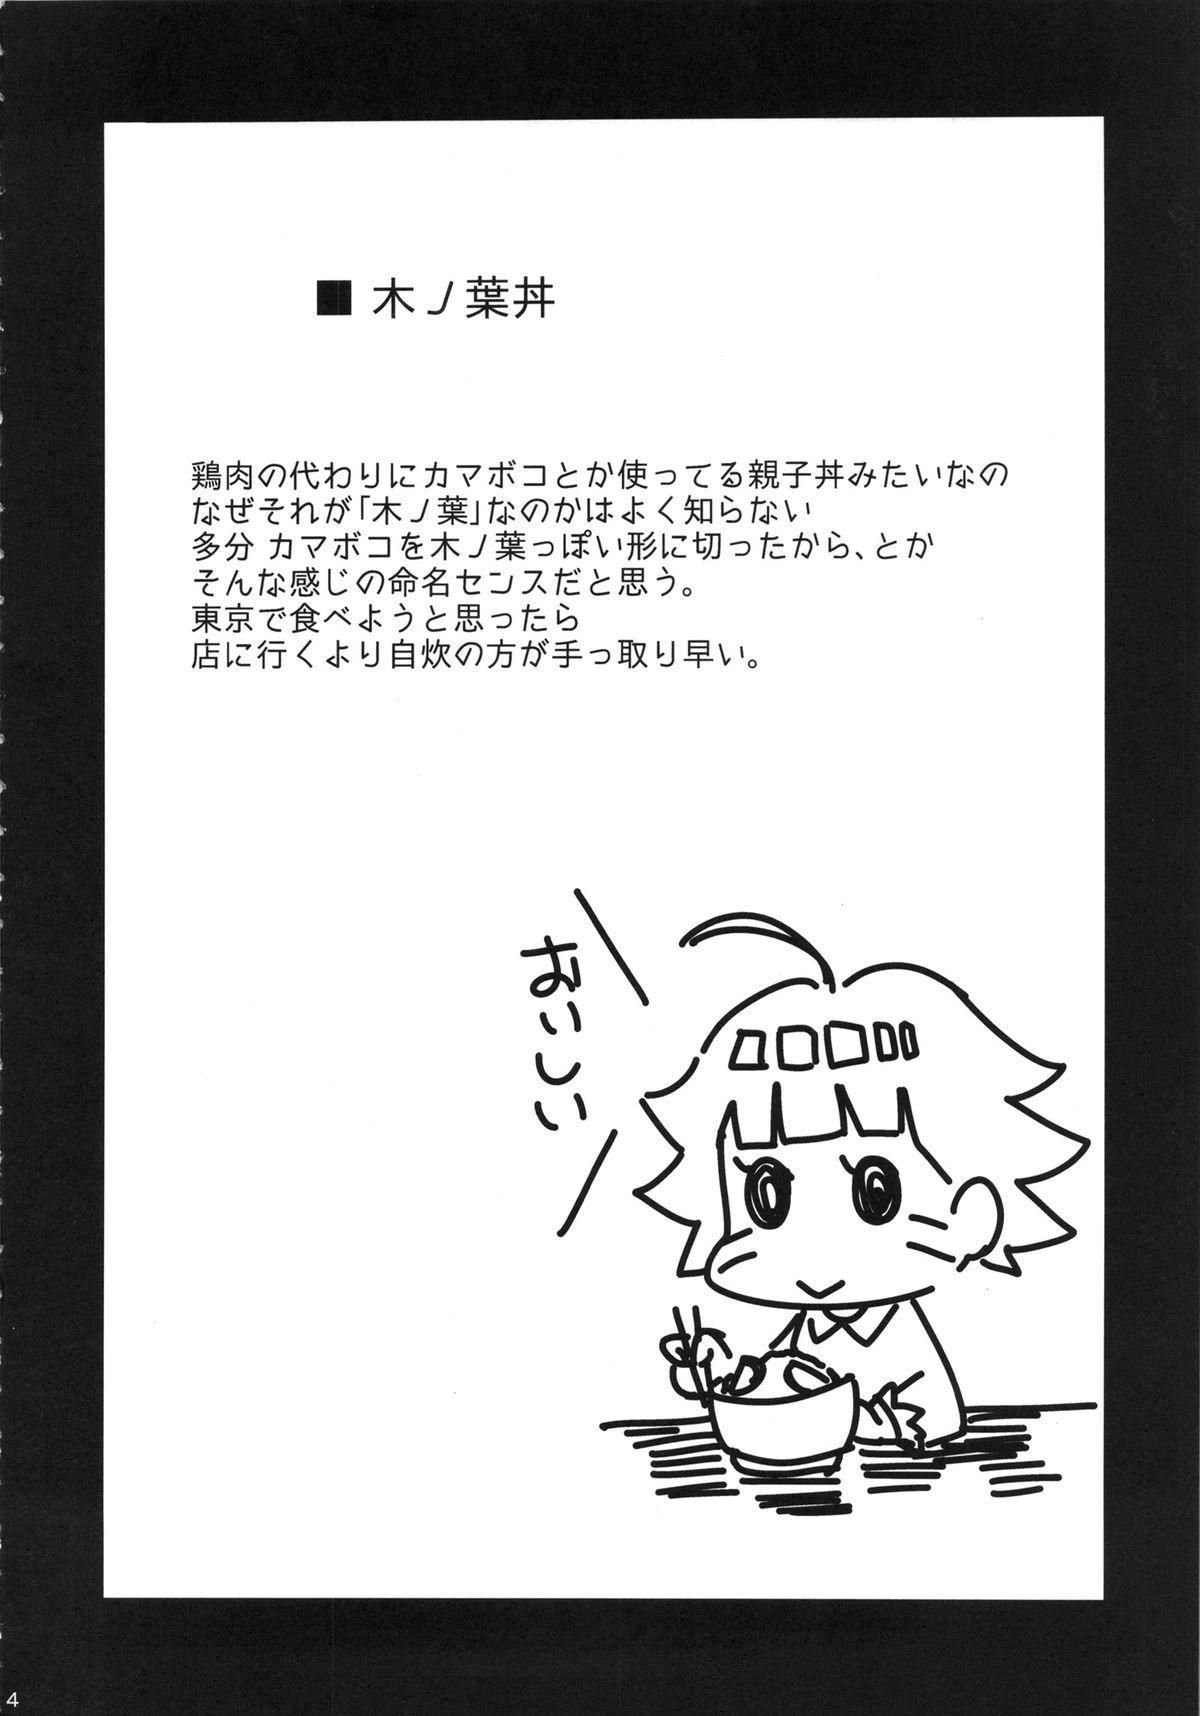 C87) [Karakishi Youhei-dan Shinga (Sahara Wataru)] Konoha Donburi (Naruto) [English] [desudesu] 2